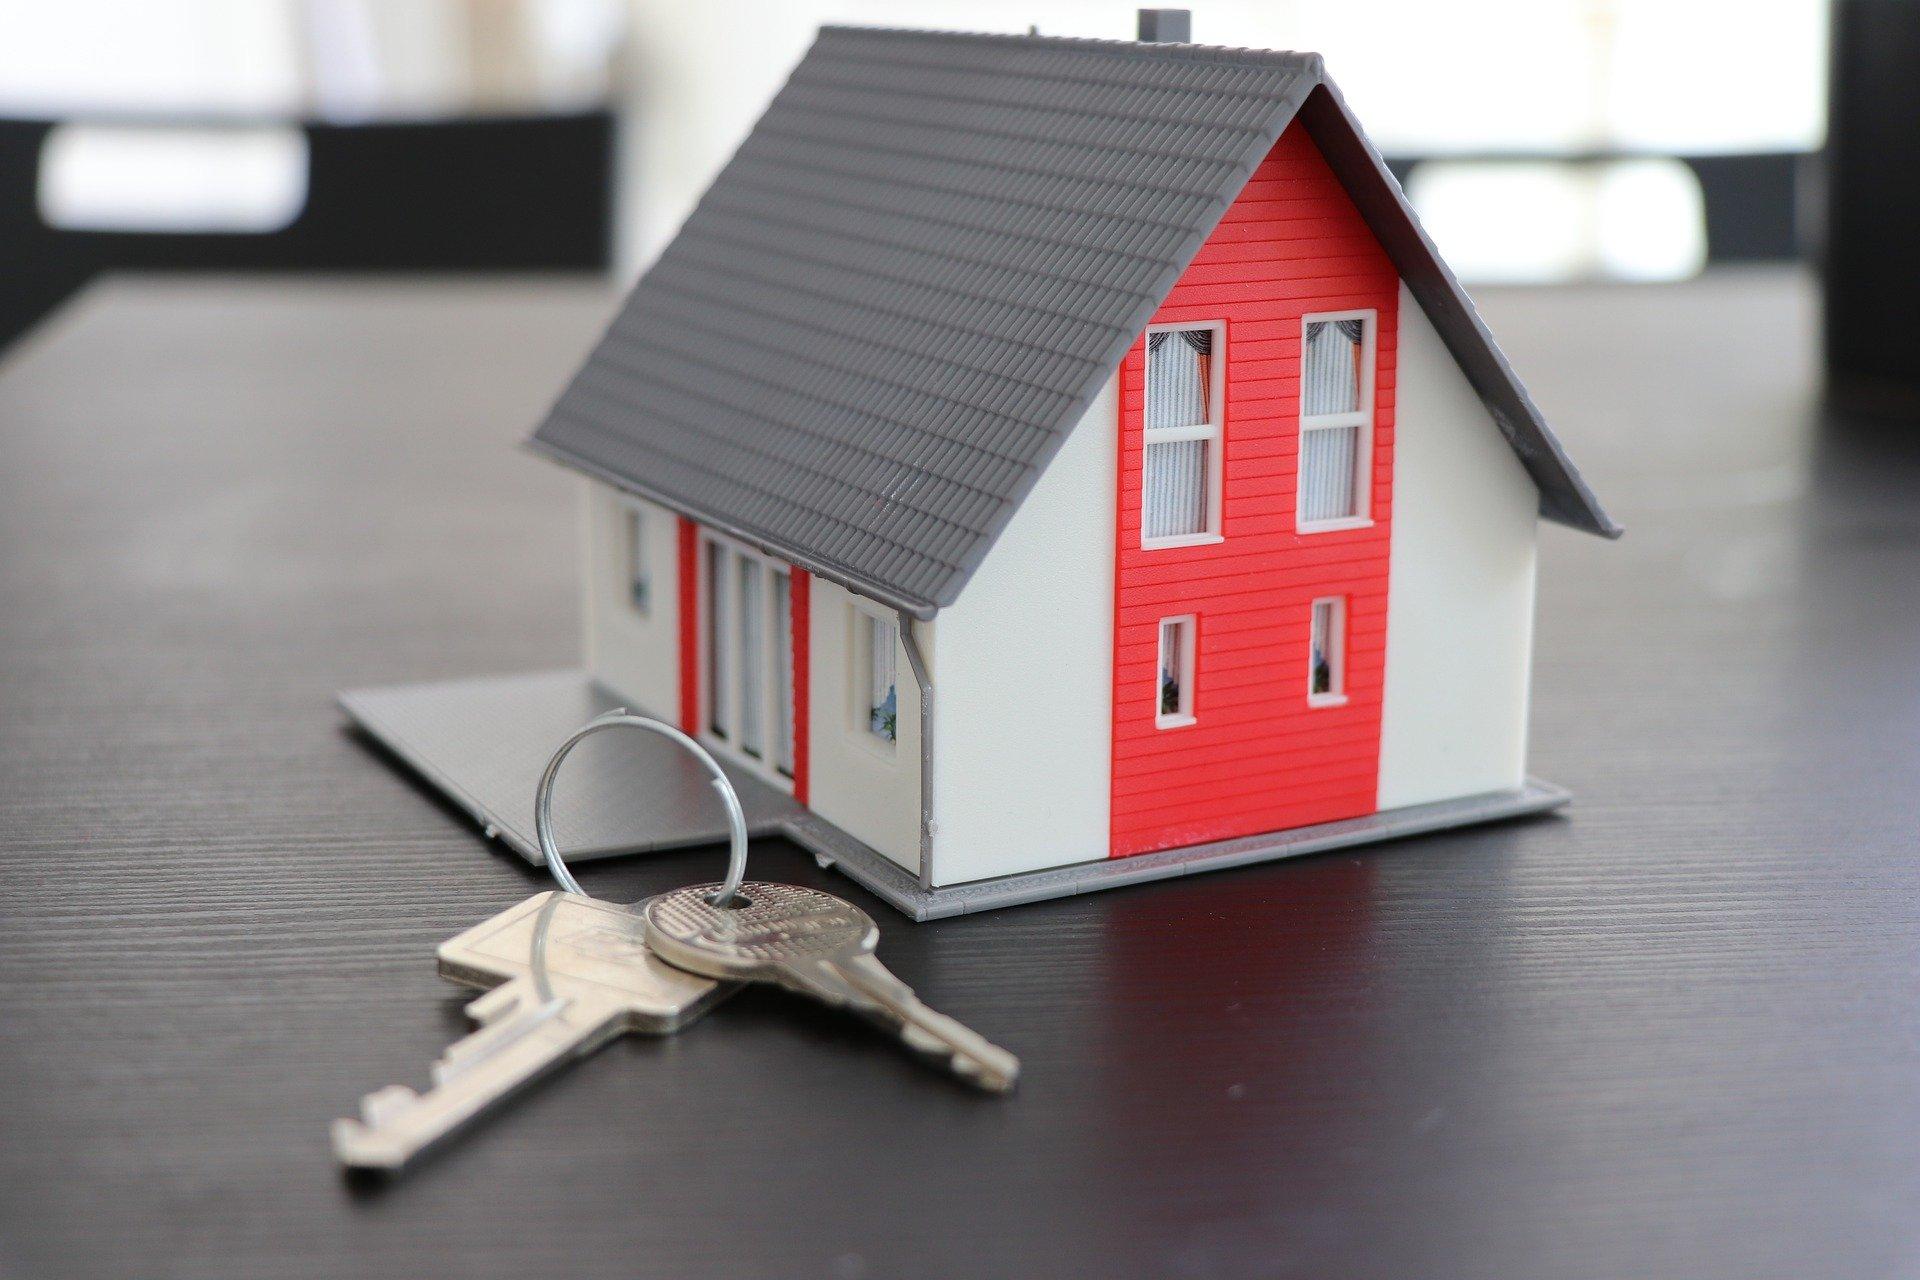 Clés posées sur une table à côté desquelles se trouve une maison miniature